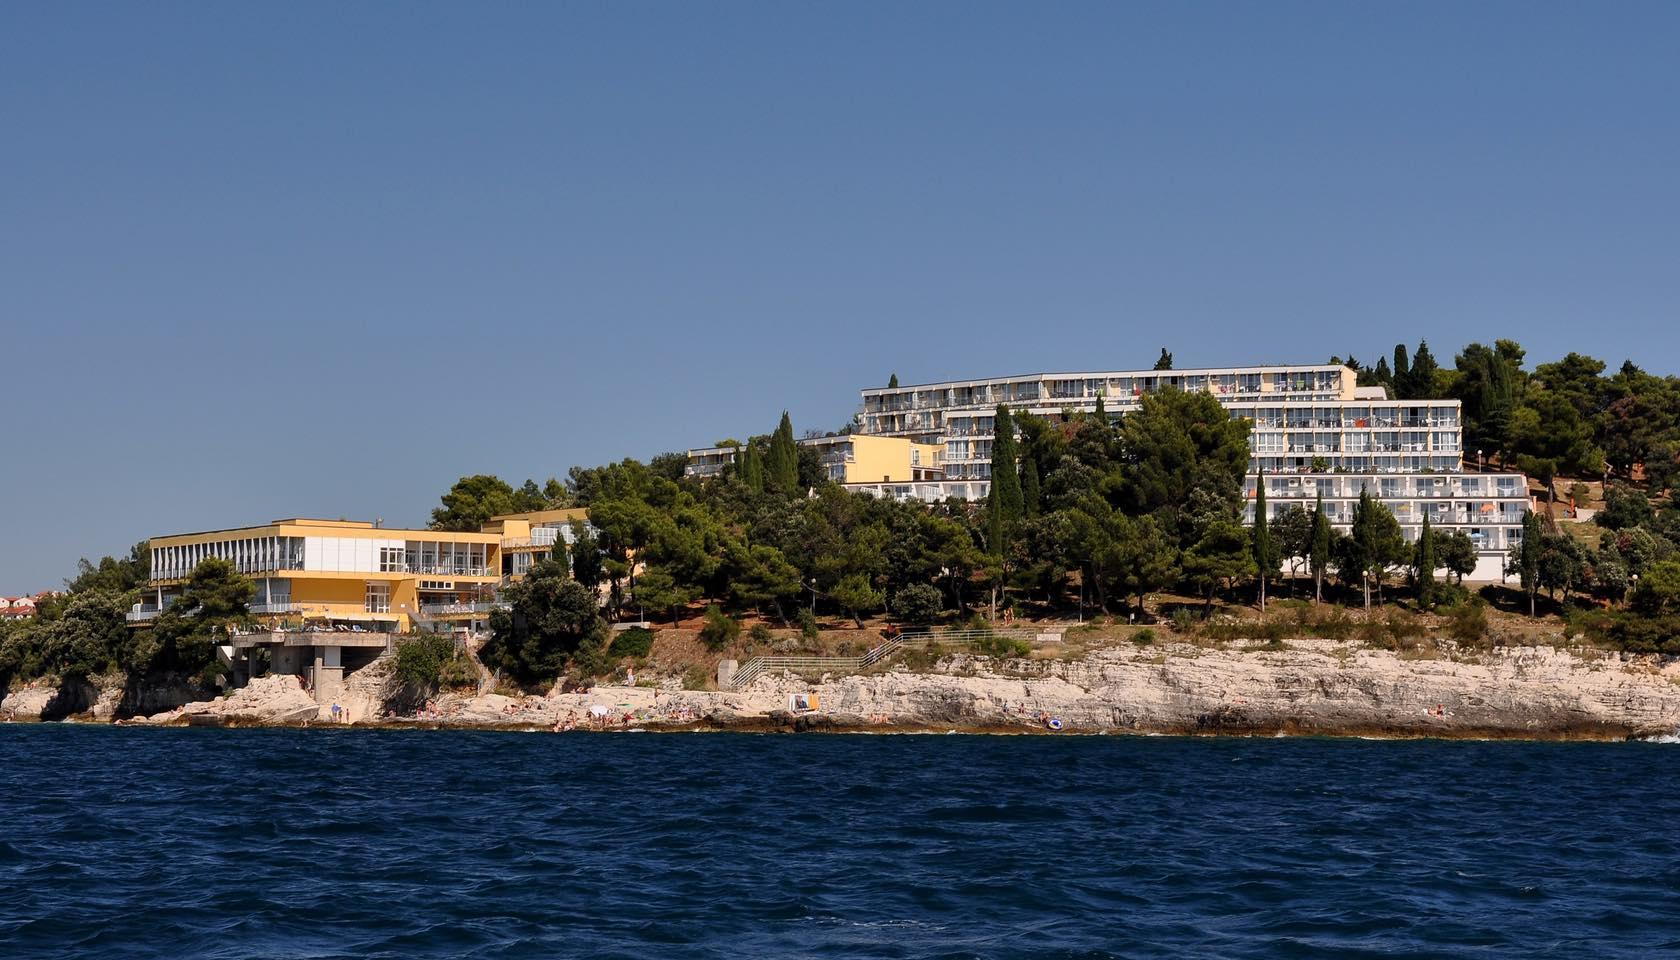 Splendid Resort - Pula Resort